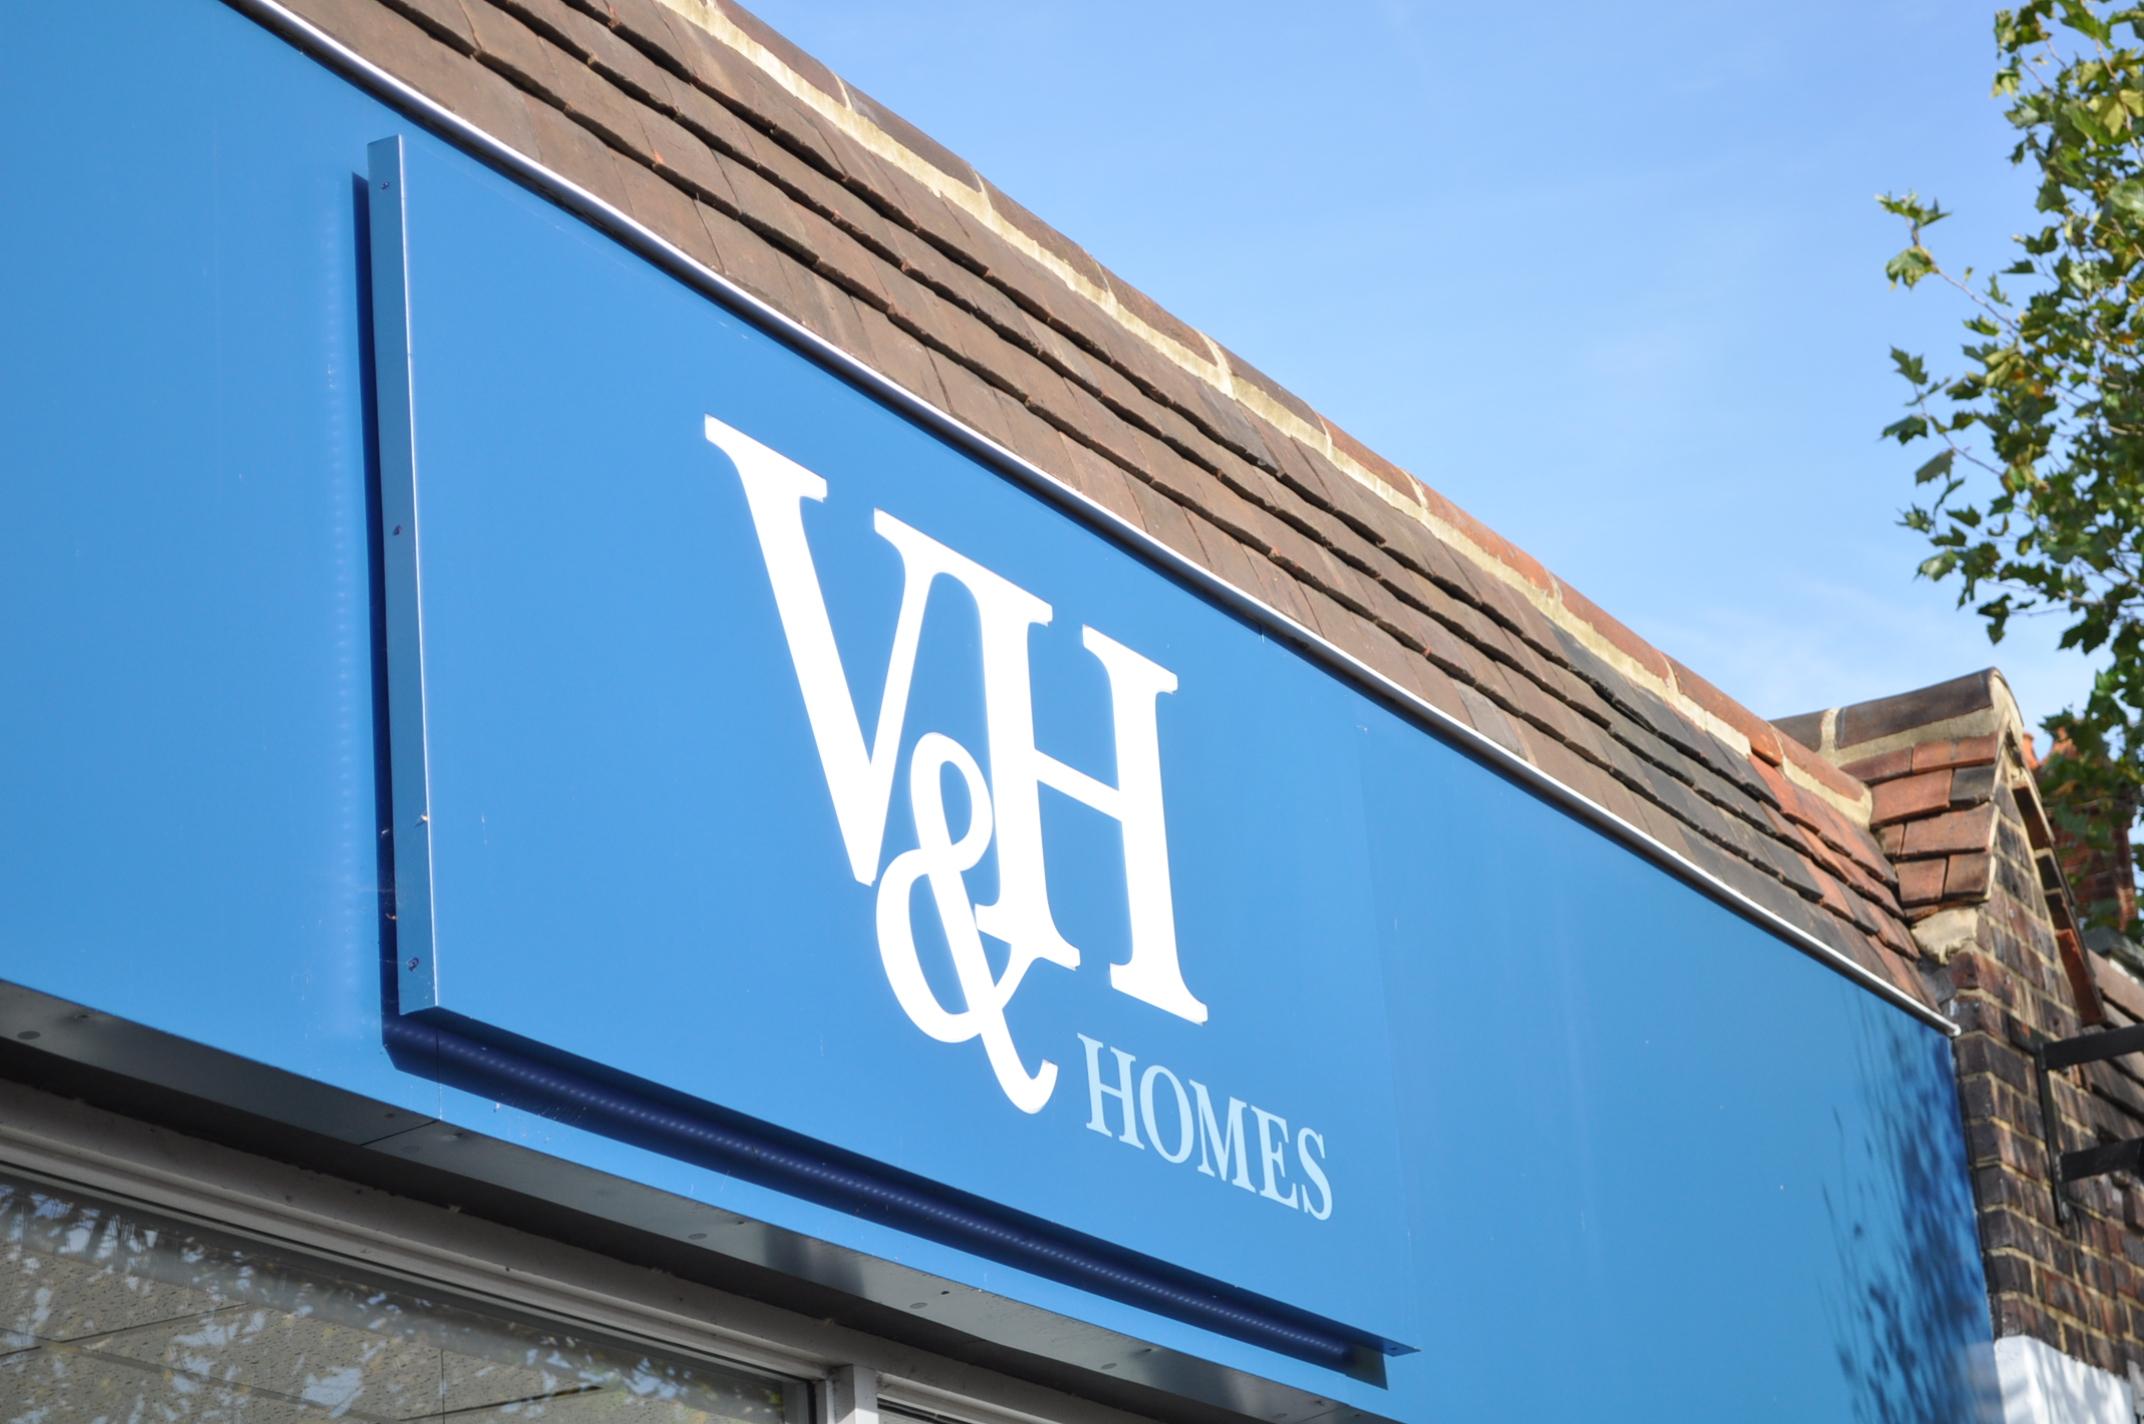 V&H Homes